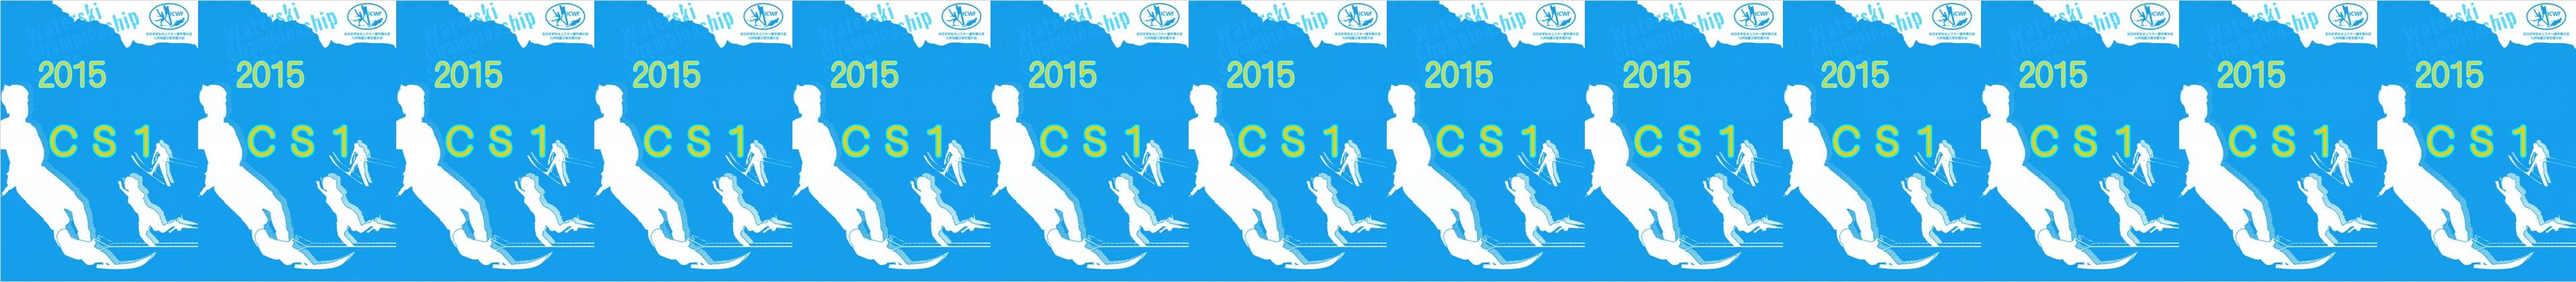 2015CS1 M's Title